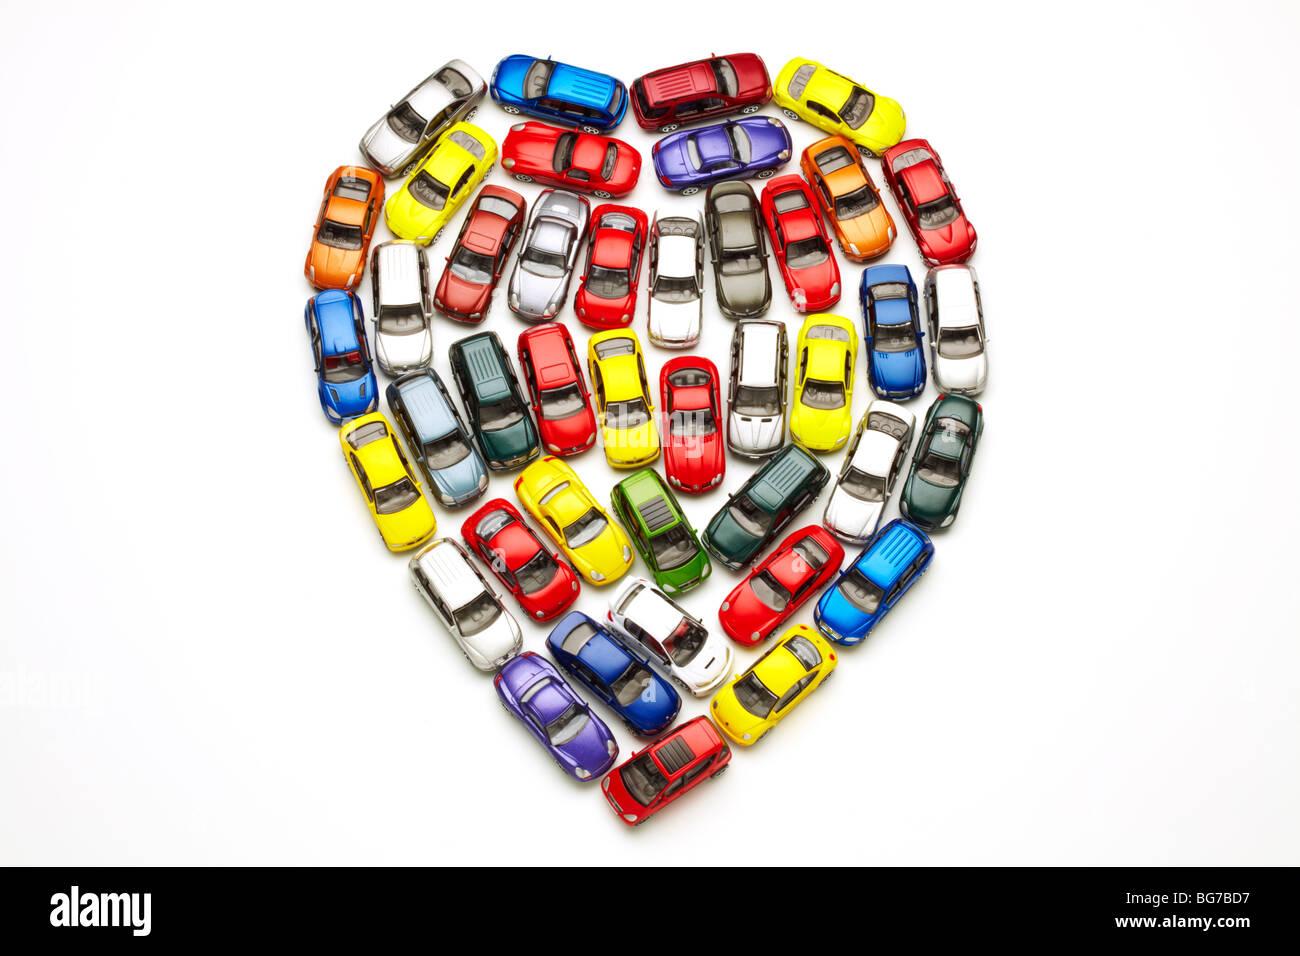 Modelos de automóviles en forma de corazón Imagen De Stock